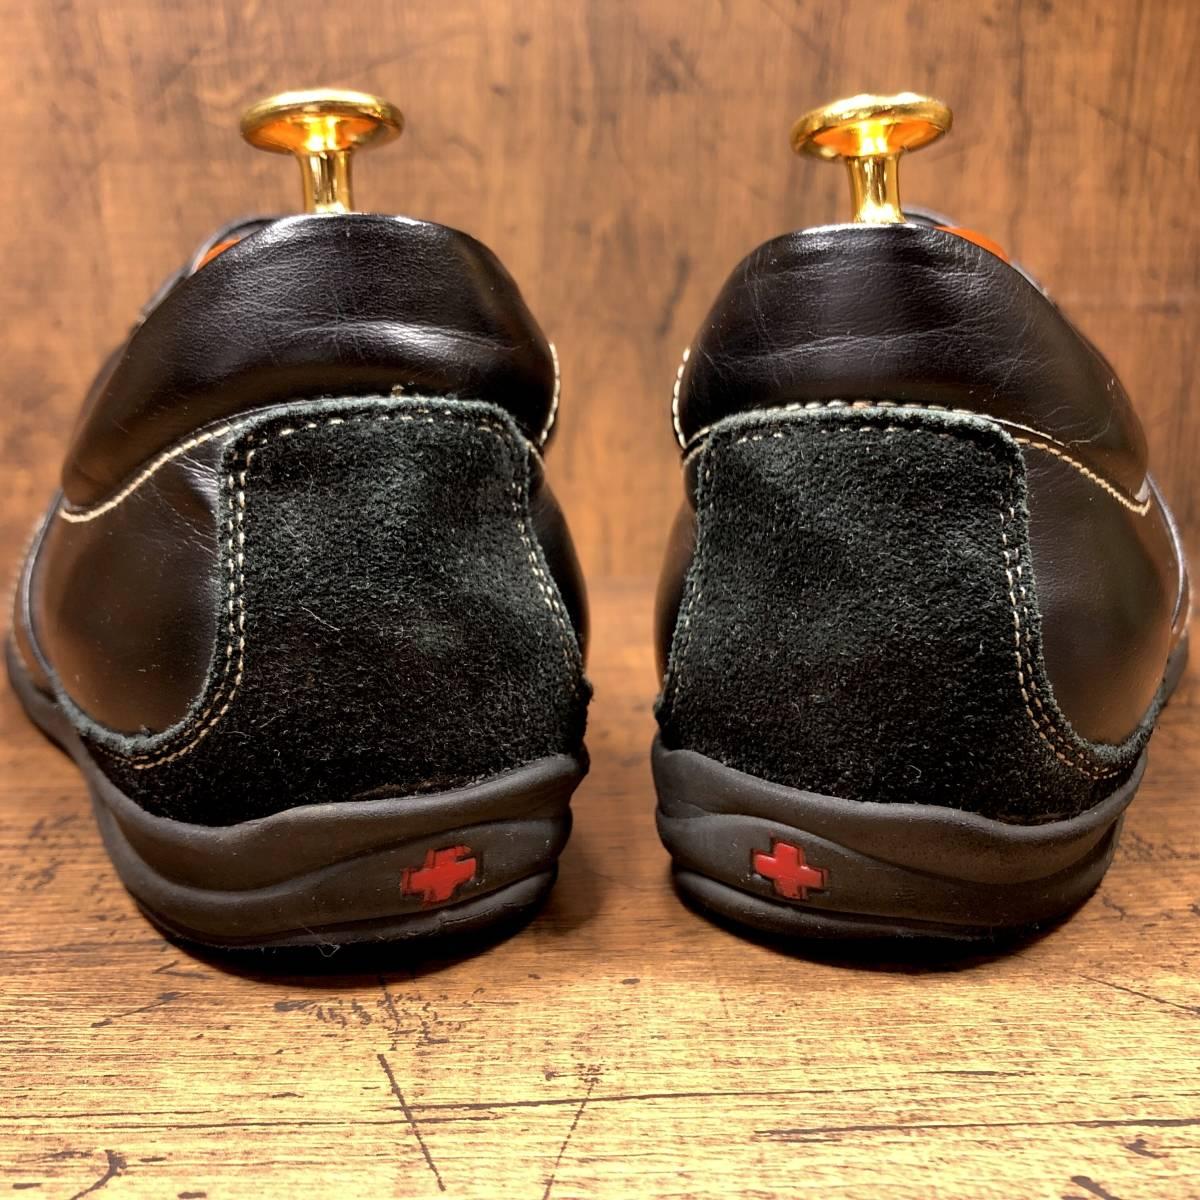 ■CASTELBAJAC■ 26cm 黒 ブラック カステルバジャック スニーカー メンズ 靴 くつ 中古 ヤフネコ 即決_画像5